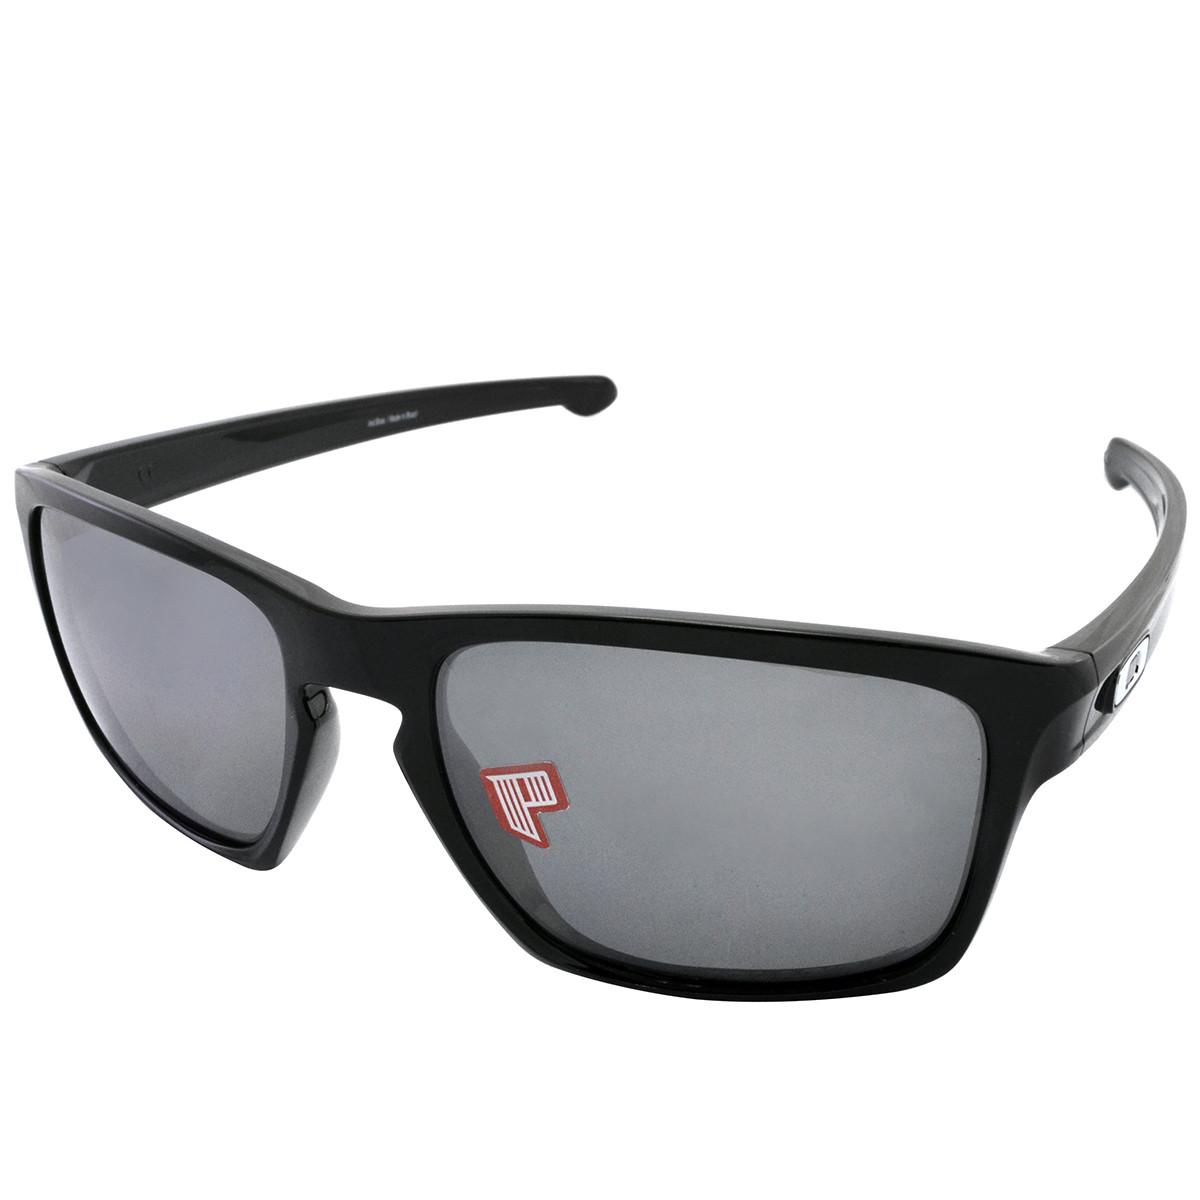 Óculos Oakley Sliver Polished Black Lente Black Iridium Polarizado ... 5fbefbf3c7